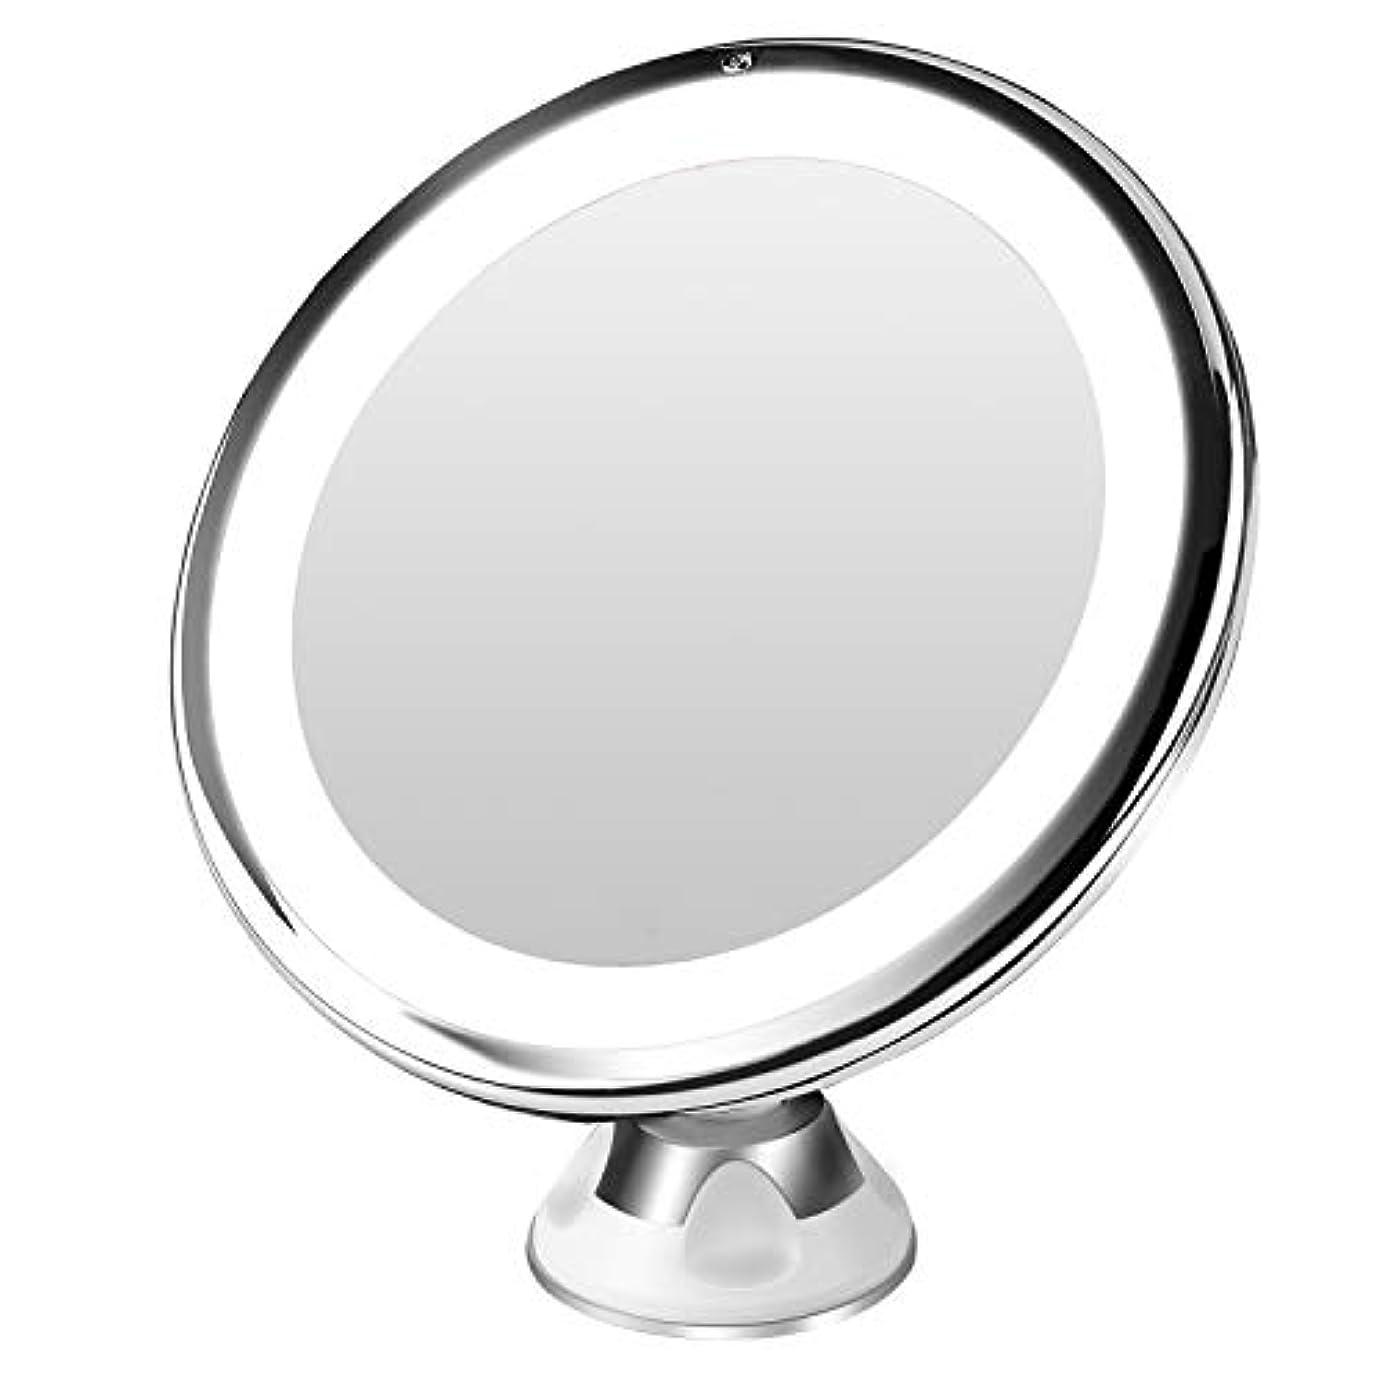 秋ピル監督するBESTOPE 10倍拡大鏡 LED化粧鏡 浴室鏡 卓上鏡 曇らないミラー 吸盤ロック付きLEDミラー 壁掛けメイクミラー 360度回転スタンドミラー 単四電池&USB給電(改良版)